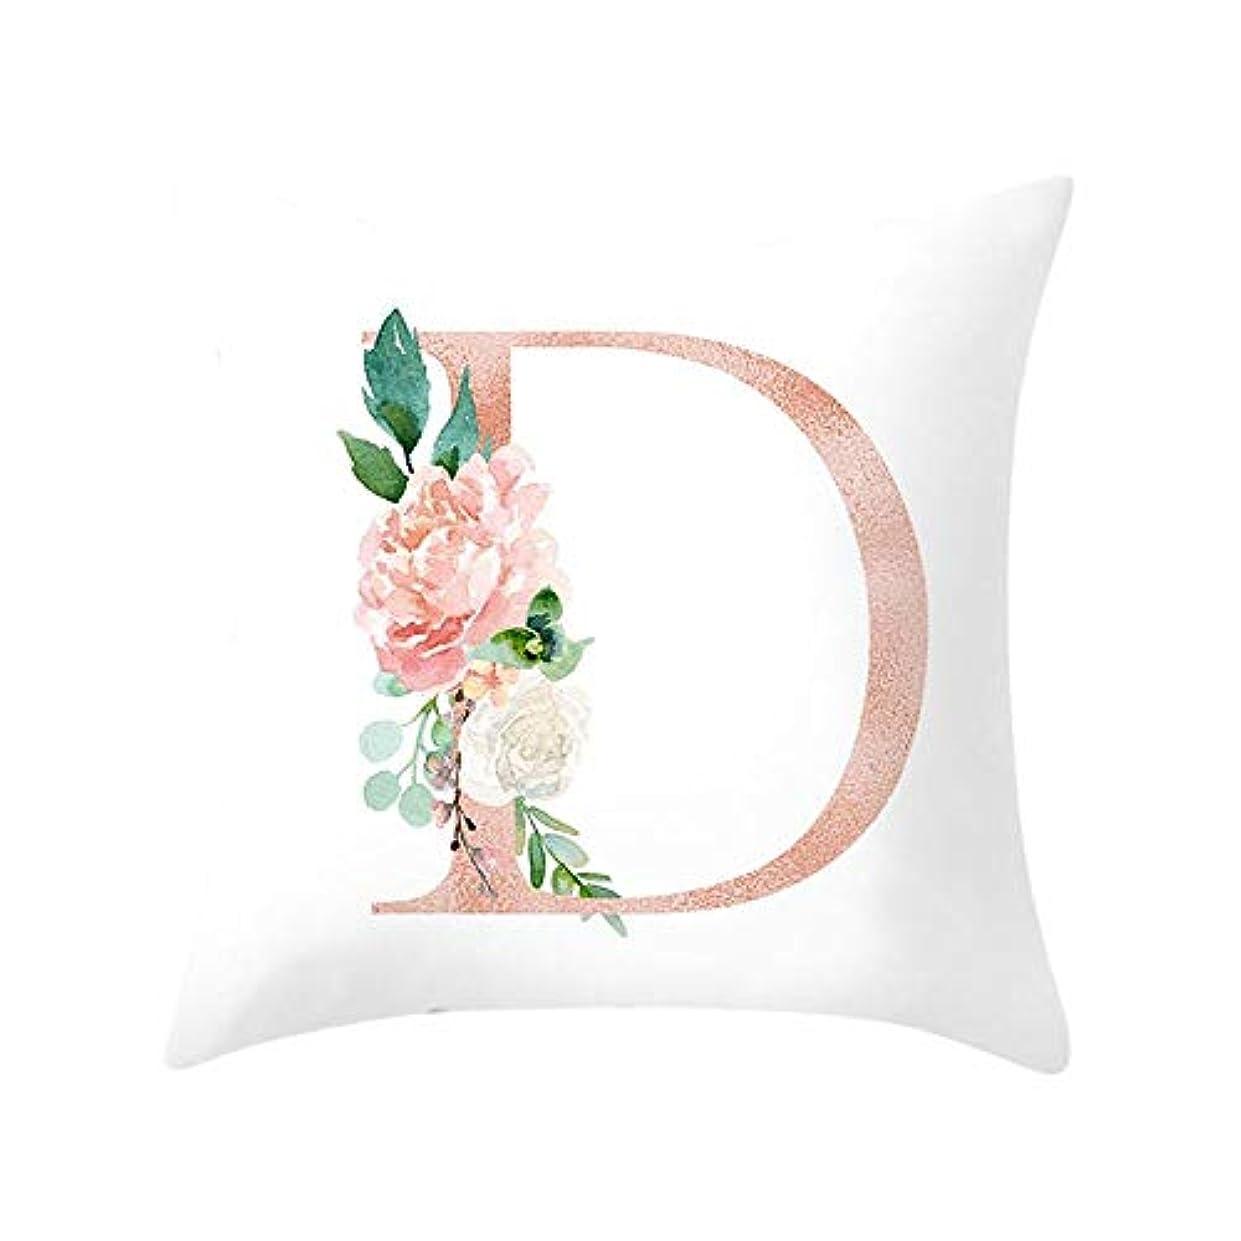 砂漠書士飢LIFE 装飾クッションソファ手紙枕アルファベットクッション印刷ソファ家の装飾の花枕 coussin decoratif クッション 椅子